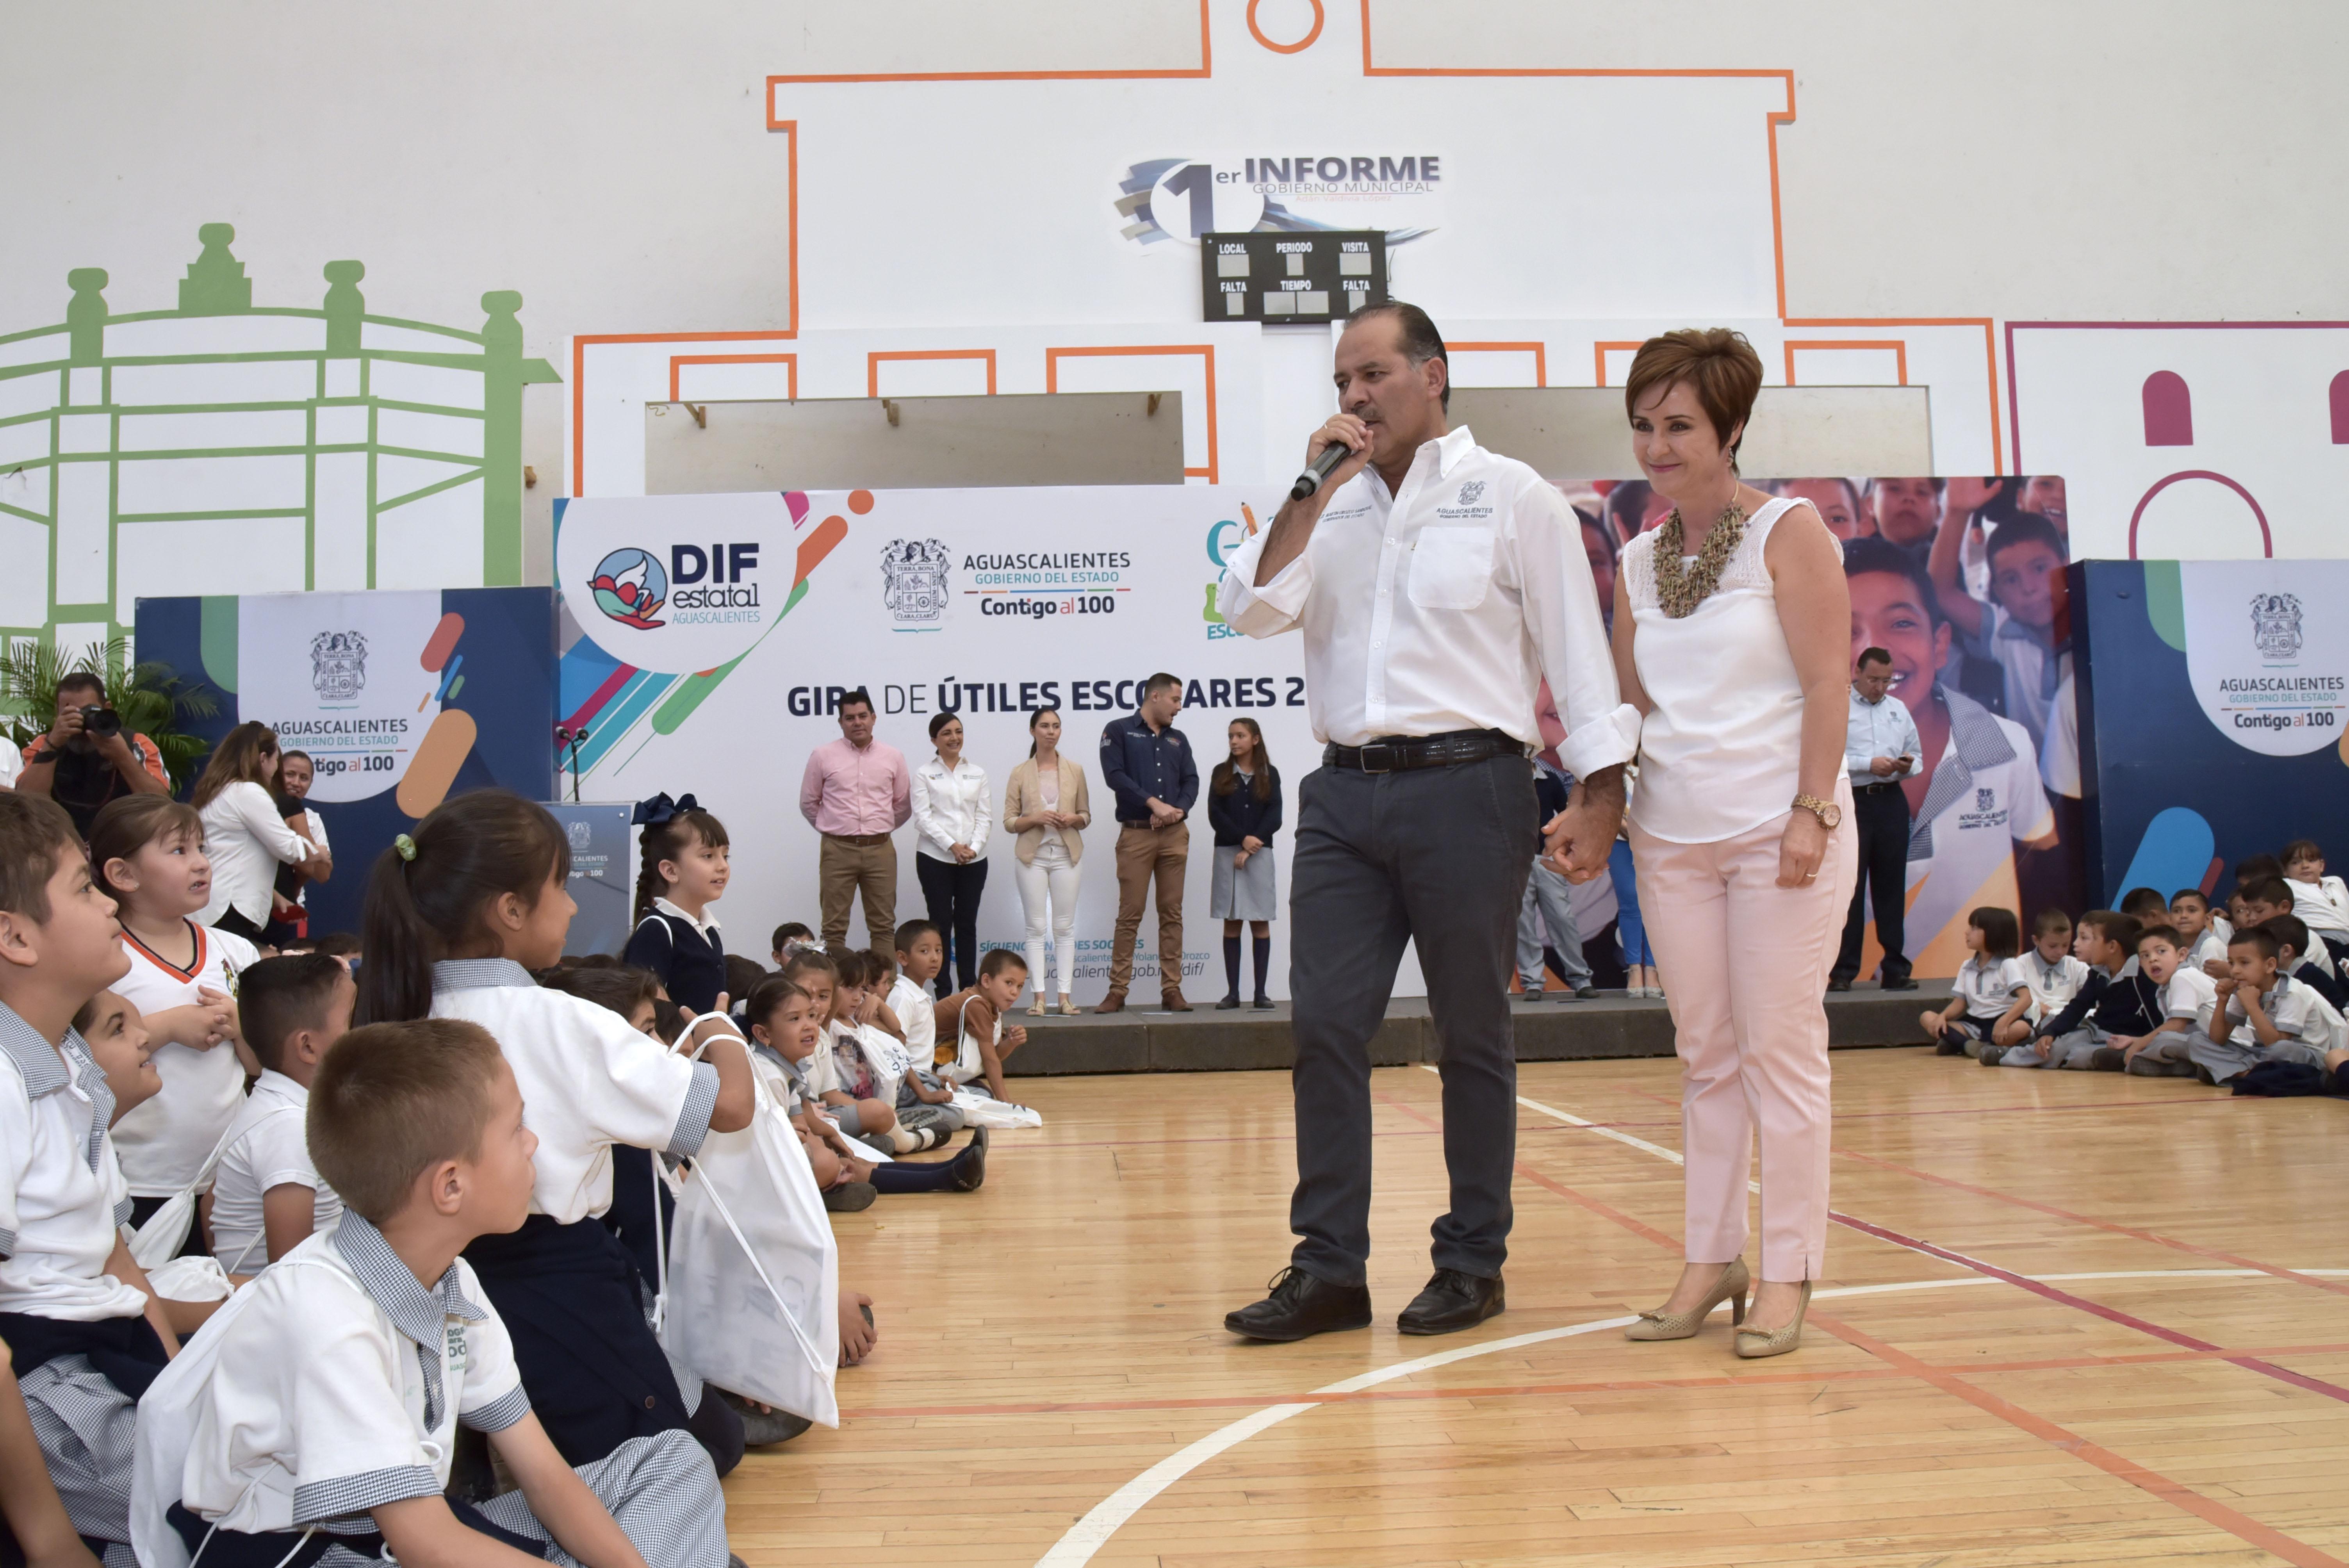 ARRANCA GIRA DE ÚTILES ESCOLARES 2019